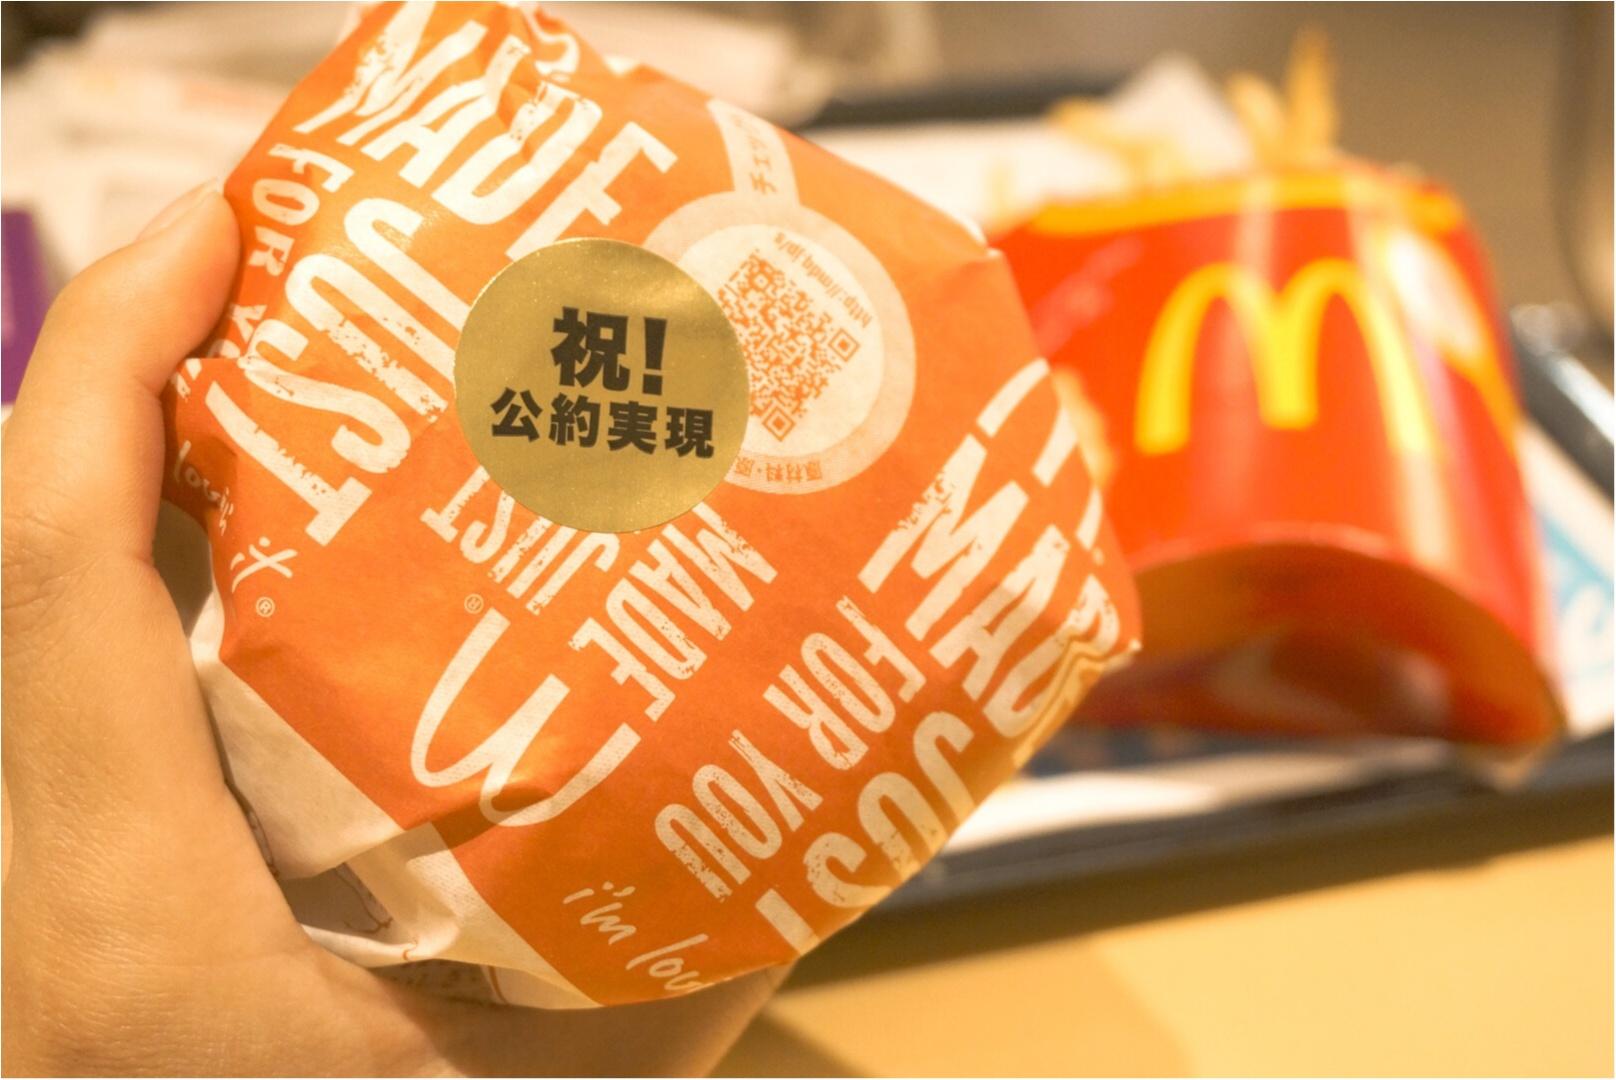 《食べられるのはあと4日間だけ‼︎》祝✨公約実現‼︎ビーフパティとチーズが3倍になった【マクドナルド】のトリプルチーズバーガーがすごいっ♡_2